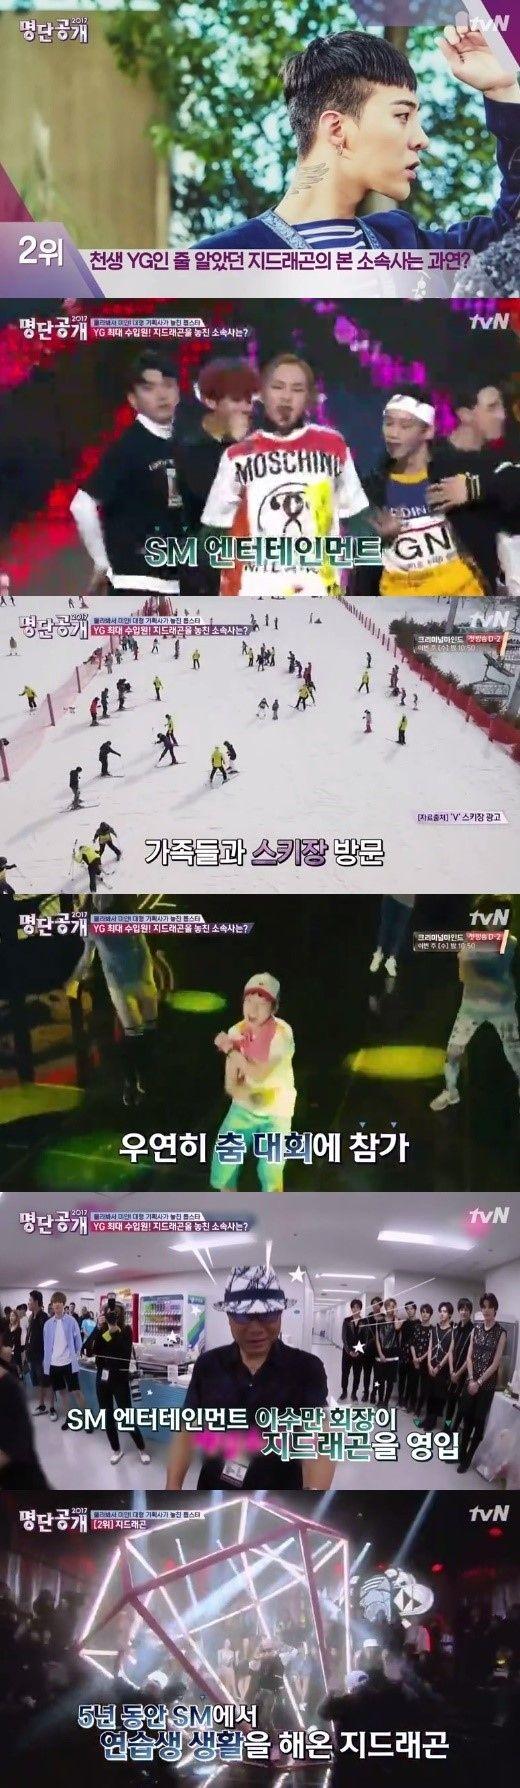 【BIGBANG NEWS】G-DRAGON「SM練習生」だった過去に驚き…意外な場所でイ・スマンとの縁